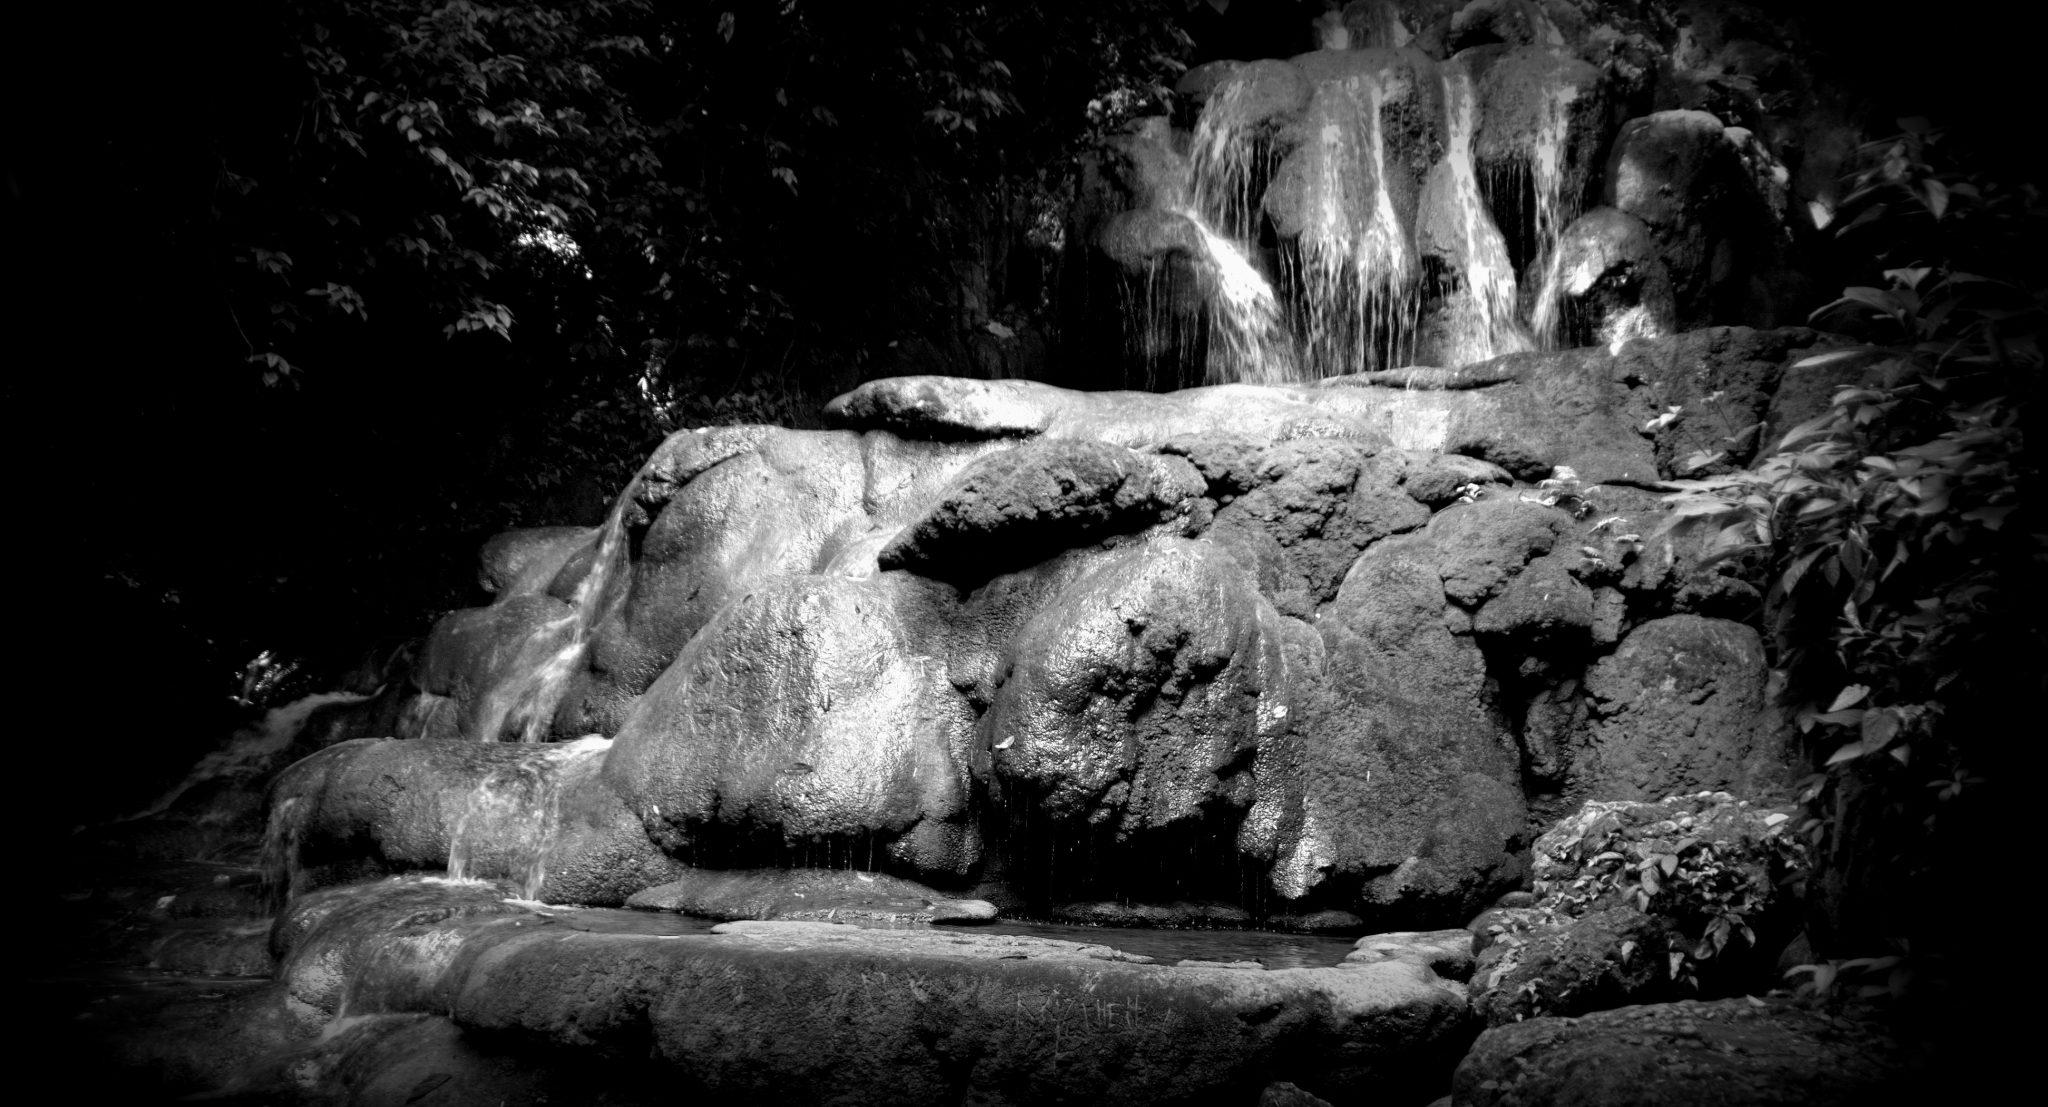 Ein Wasserfall mit vom Wasser sanft abgerundeten Felsen in Palenque, Chiapas, Mexiko